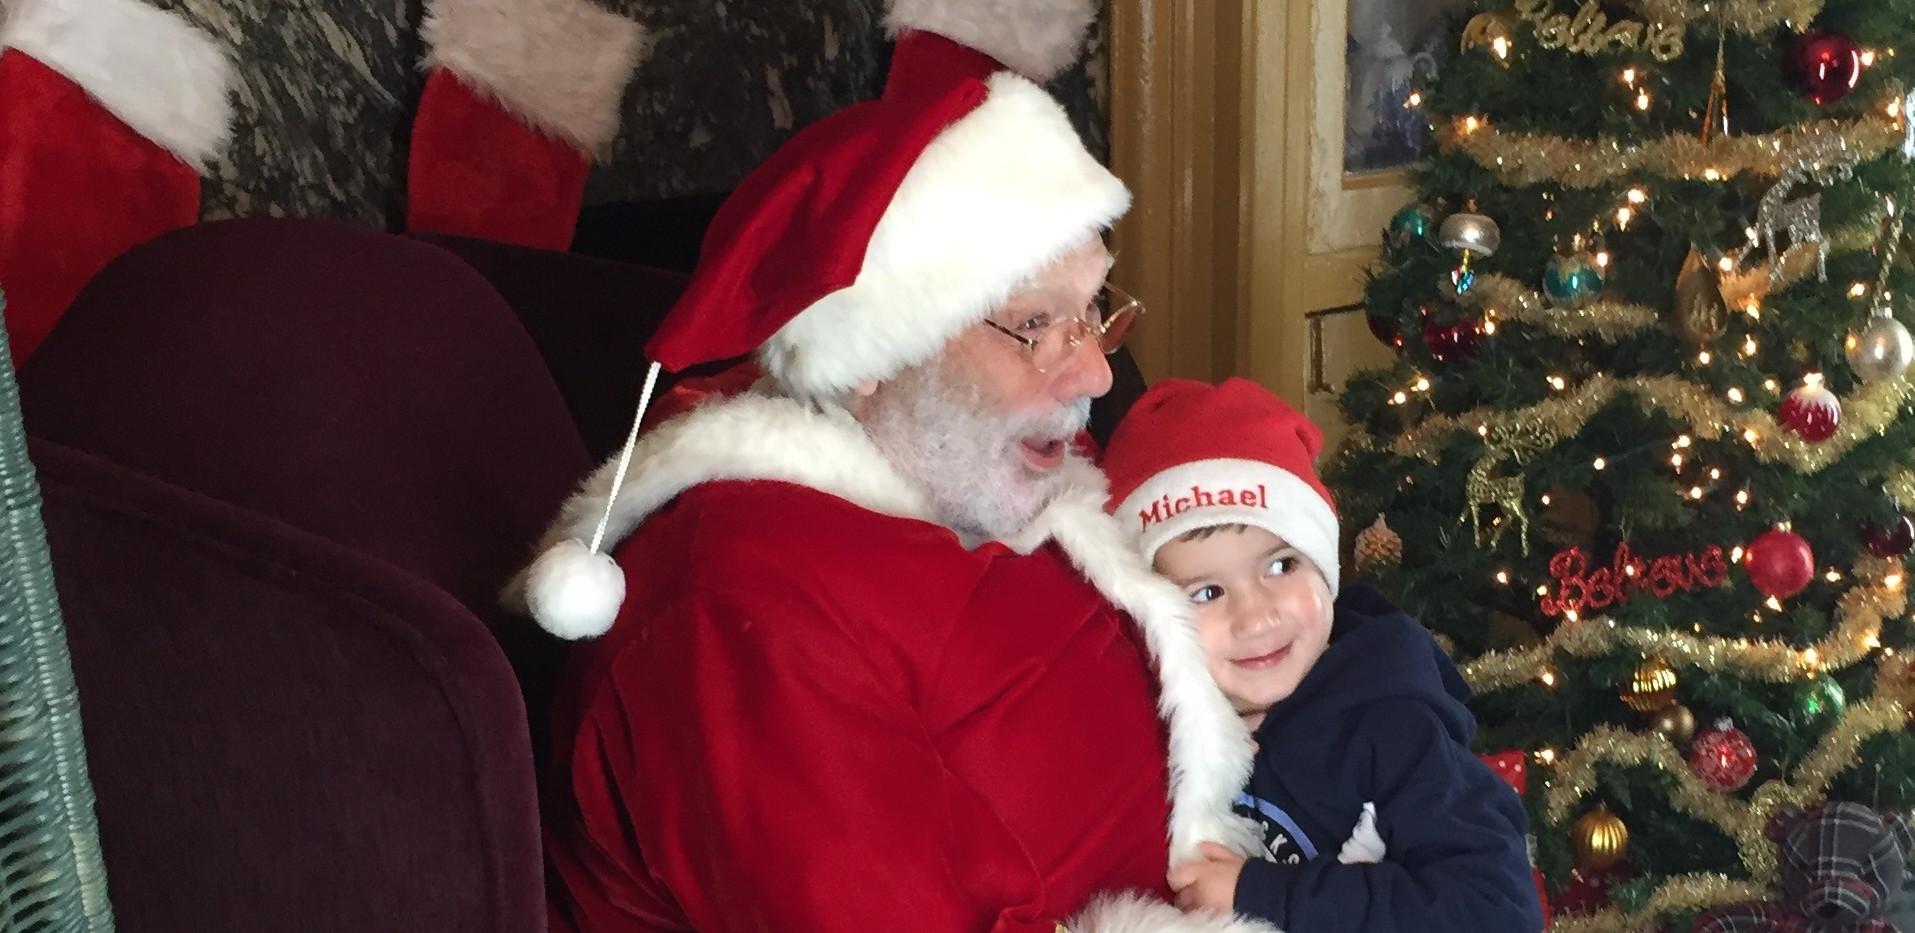 Santa Gets a Loving Hug